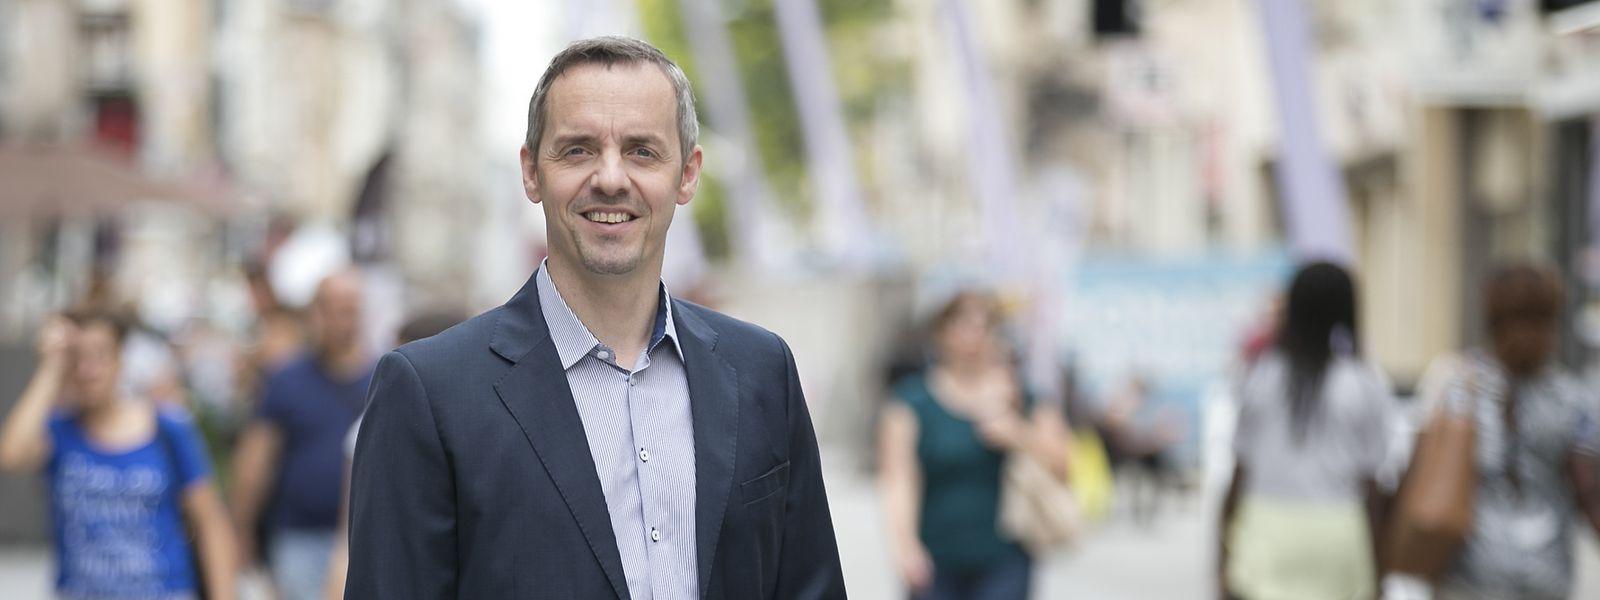 Mit Georges Mischo konnte erstmals ein CSV-Politiker den Escher Bürgermeistersessel erobern.